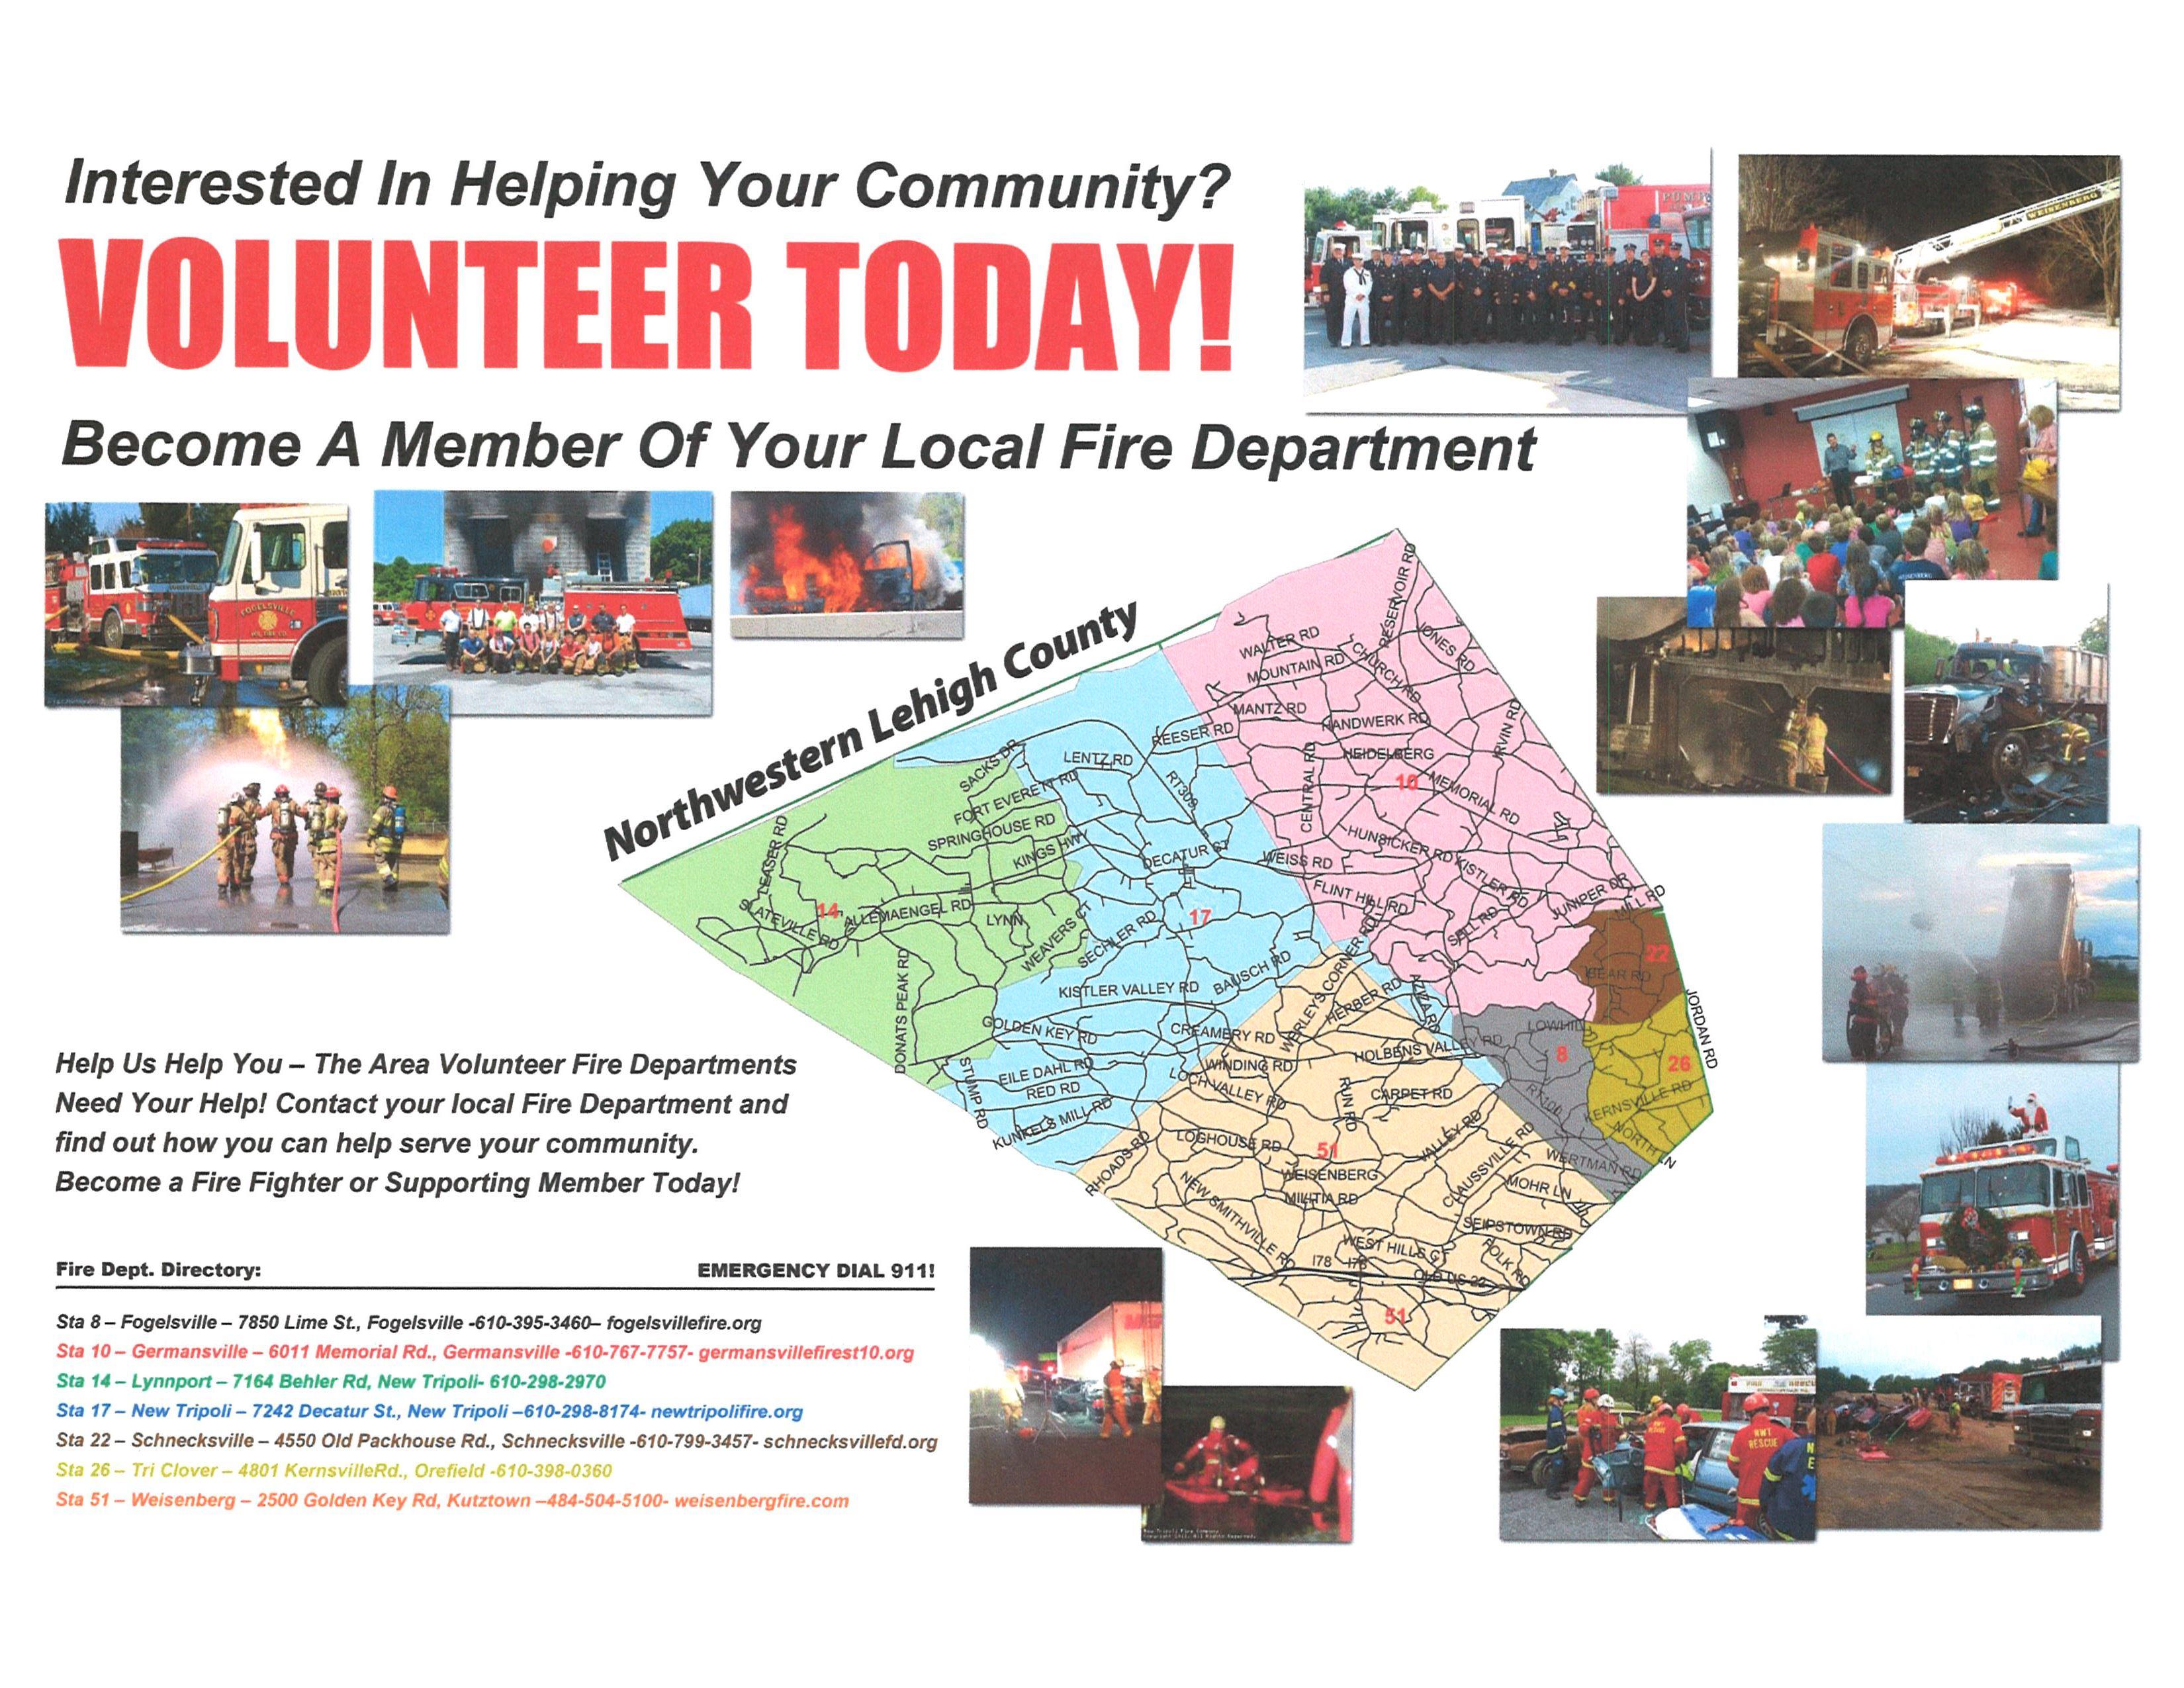 fire dept volunteer poster